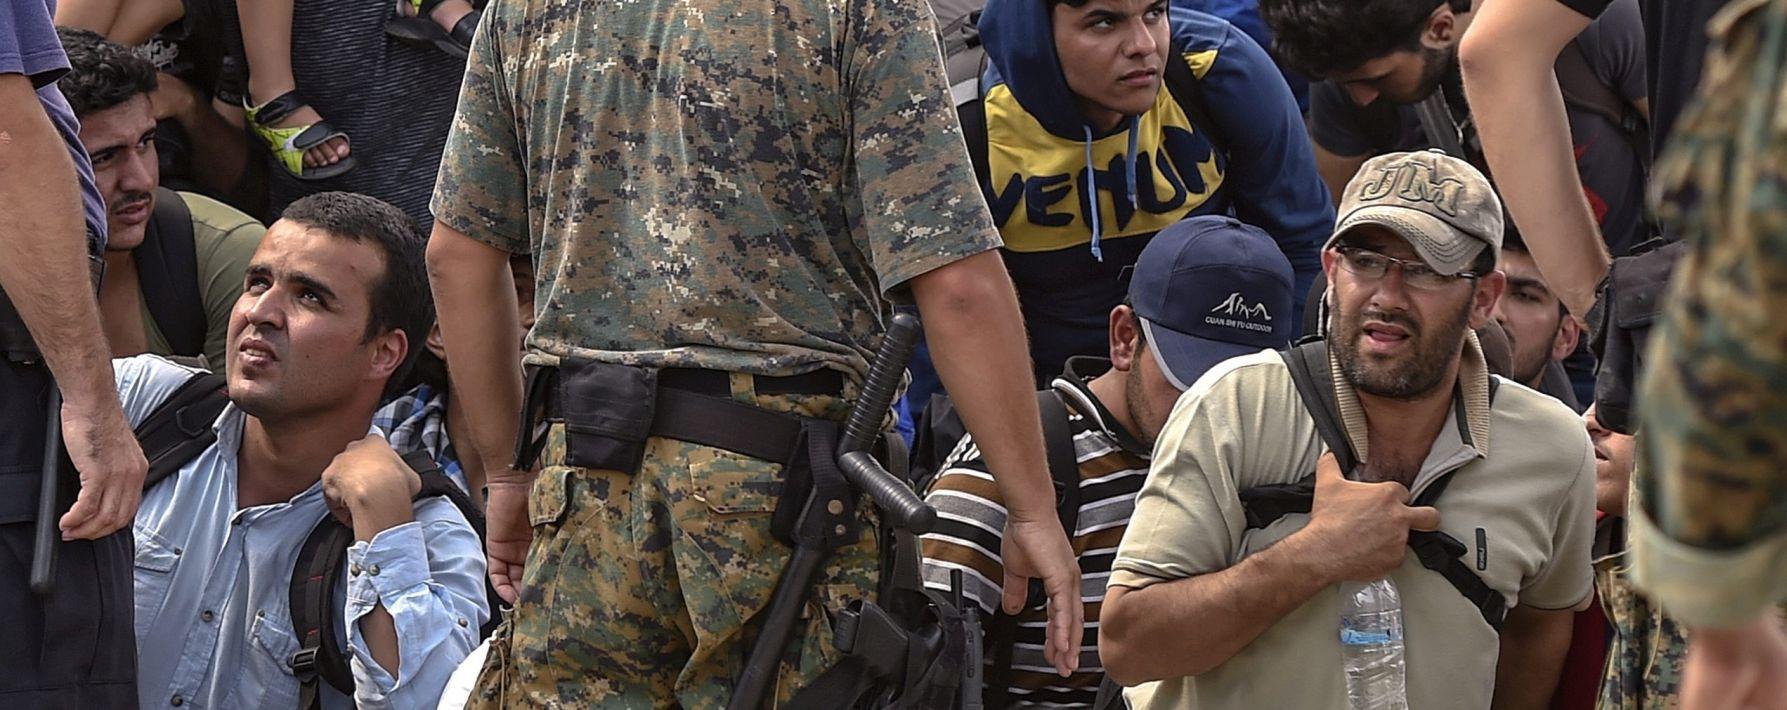 120.000 LJUDI ČEKA EU: Nema suglasnosti oko kvota za raspodjelu izbjeglica